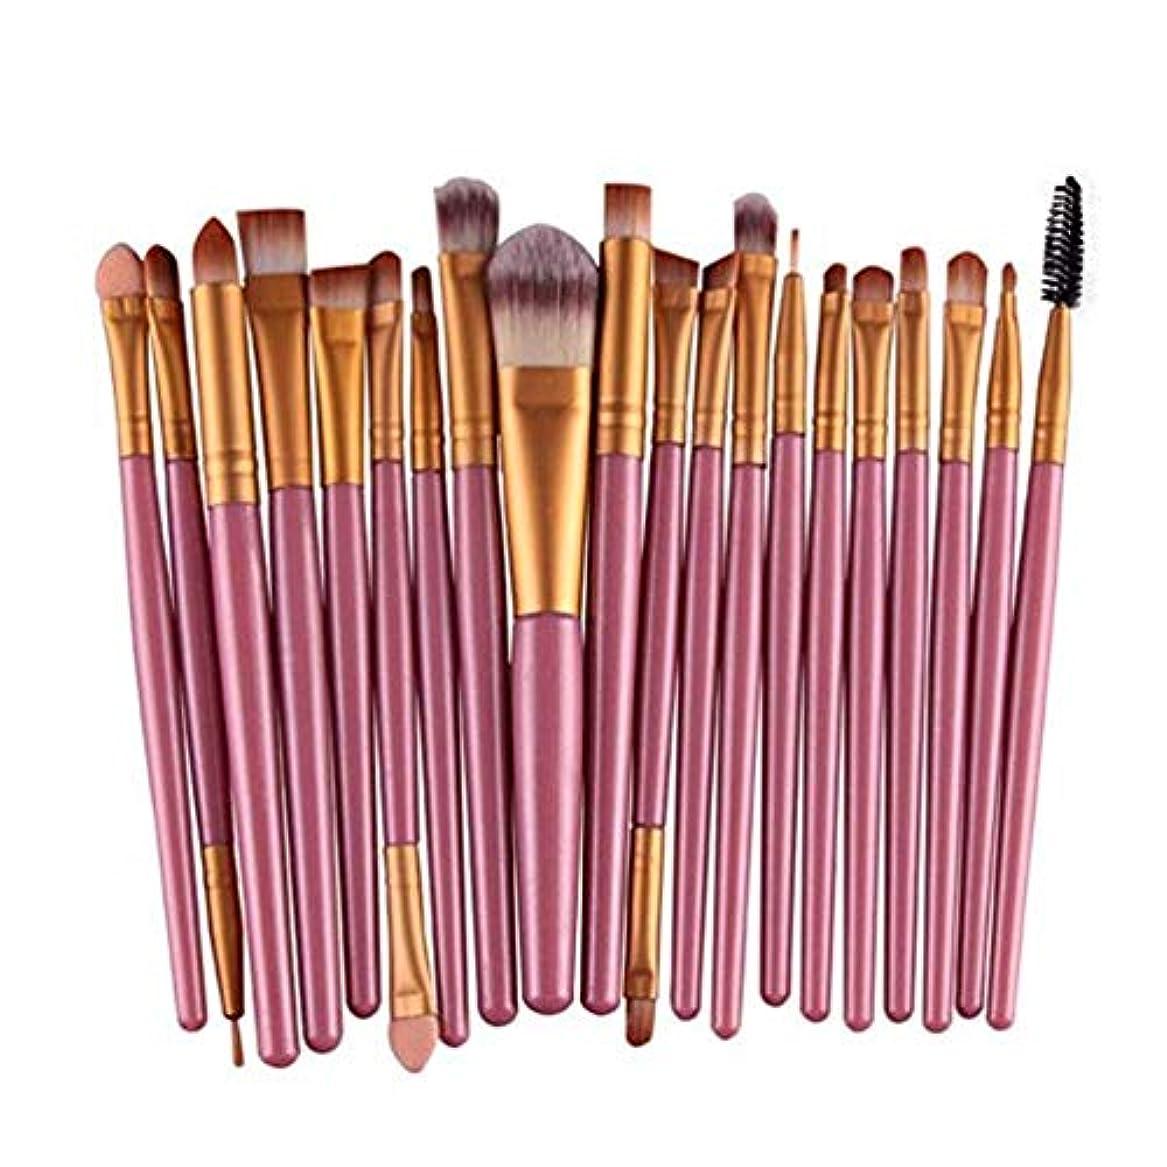 アイシャドウブラシセット20ピース化粧アイブラシアイシャドウブレンドブラシアイブロウアイライナーリップブラシ美容ブラシ、ギフトに最適 (Color : Pink)